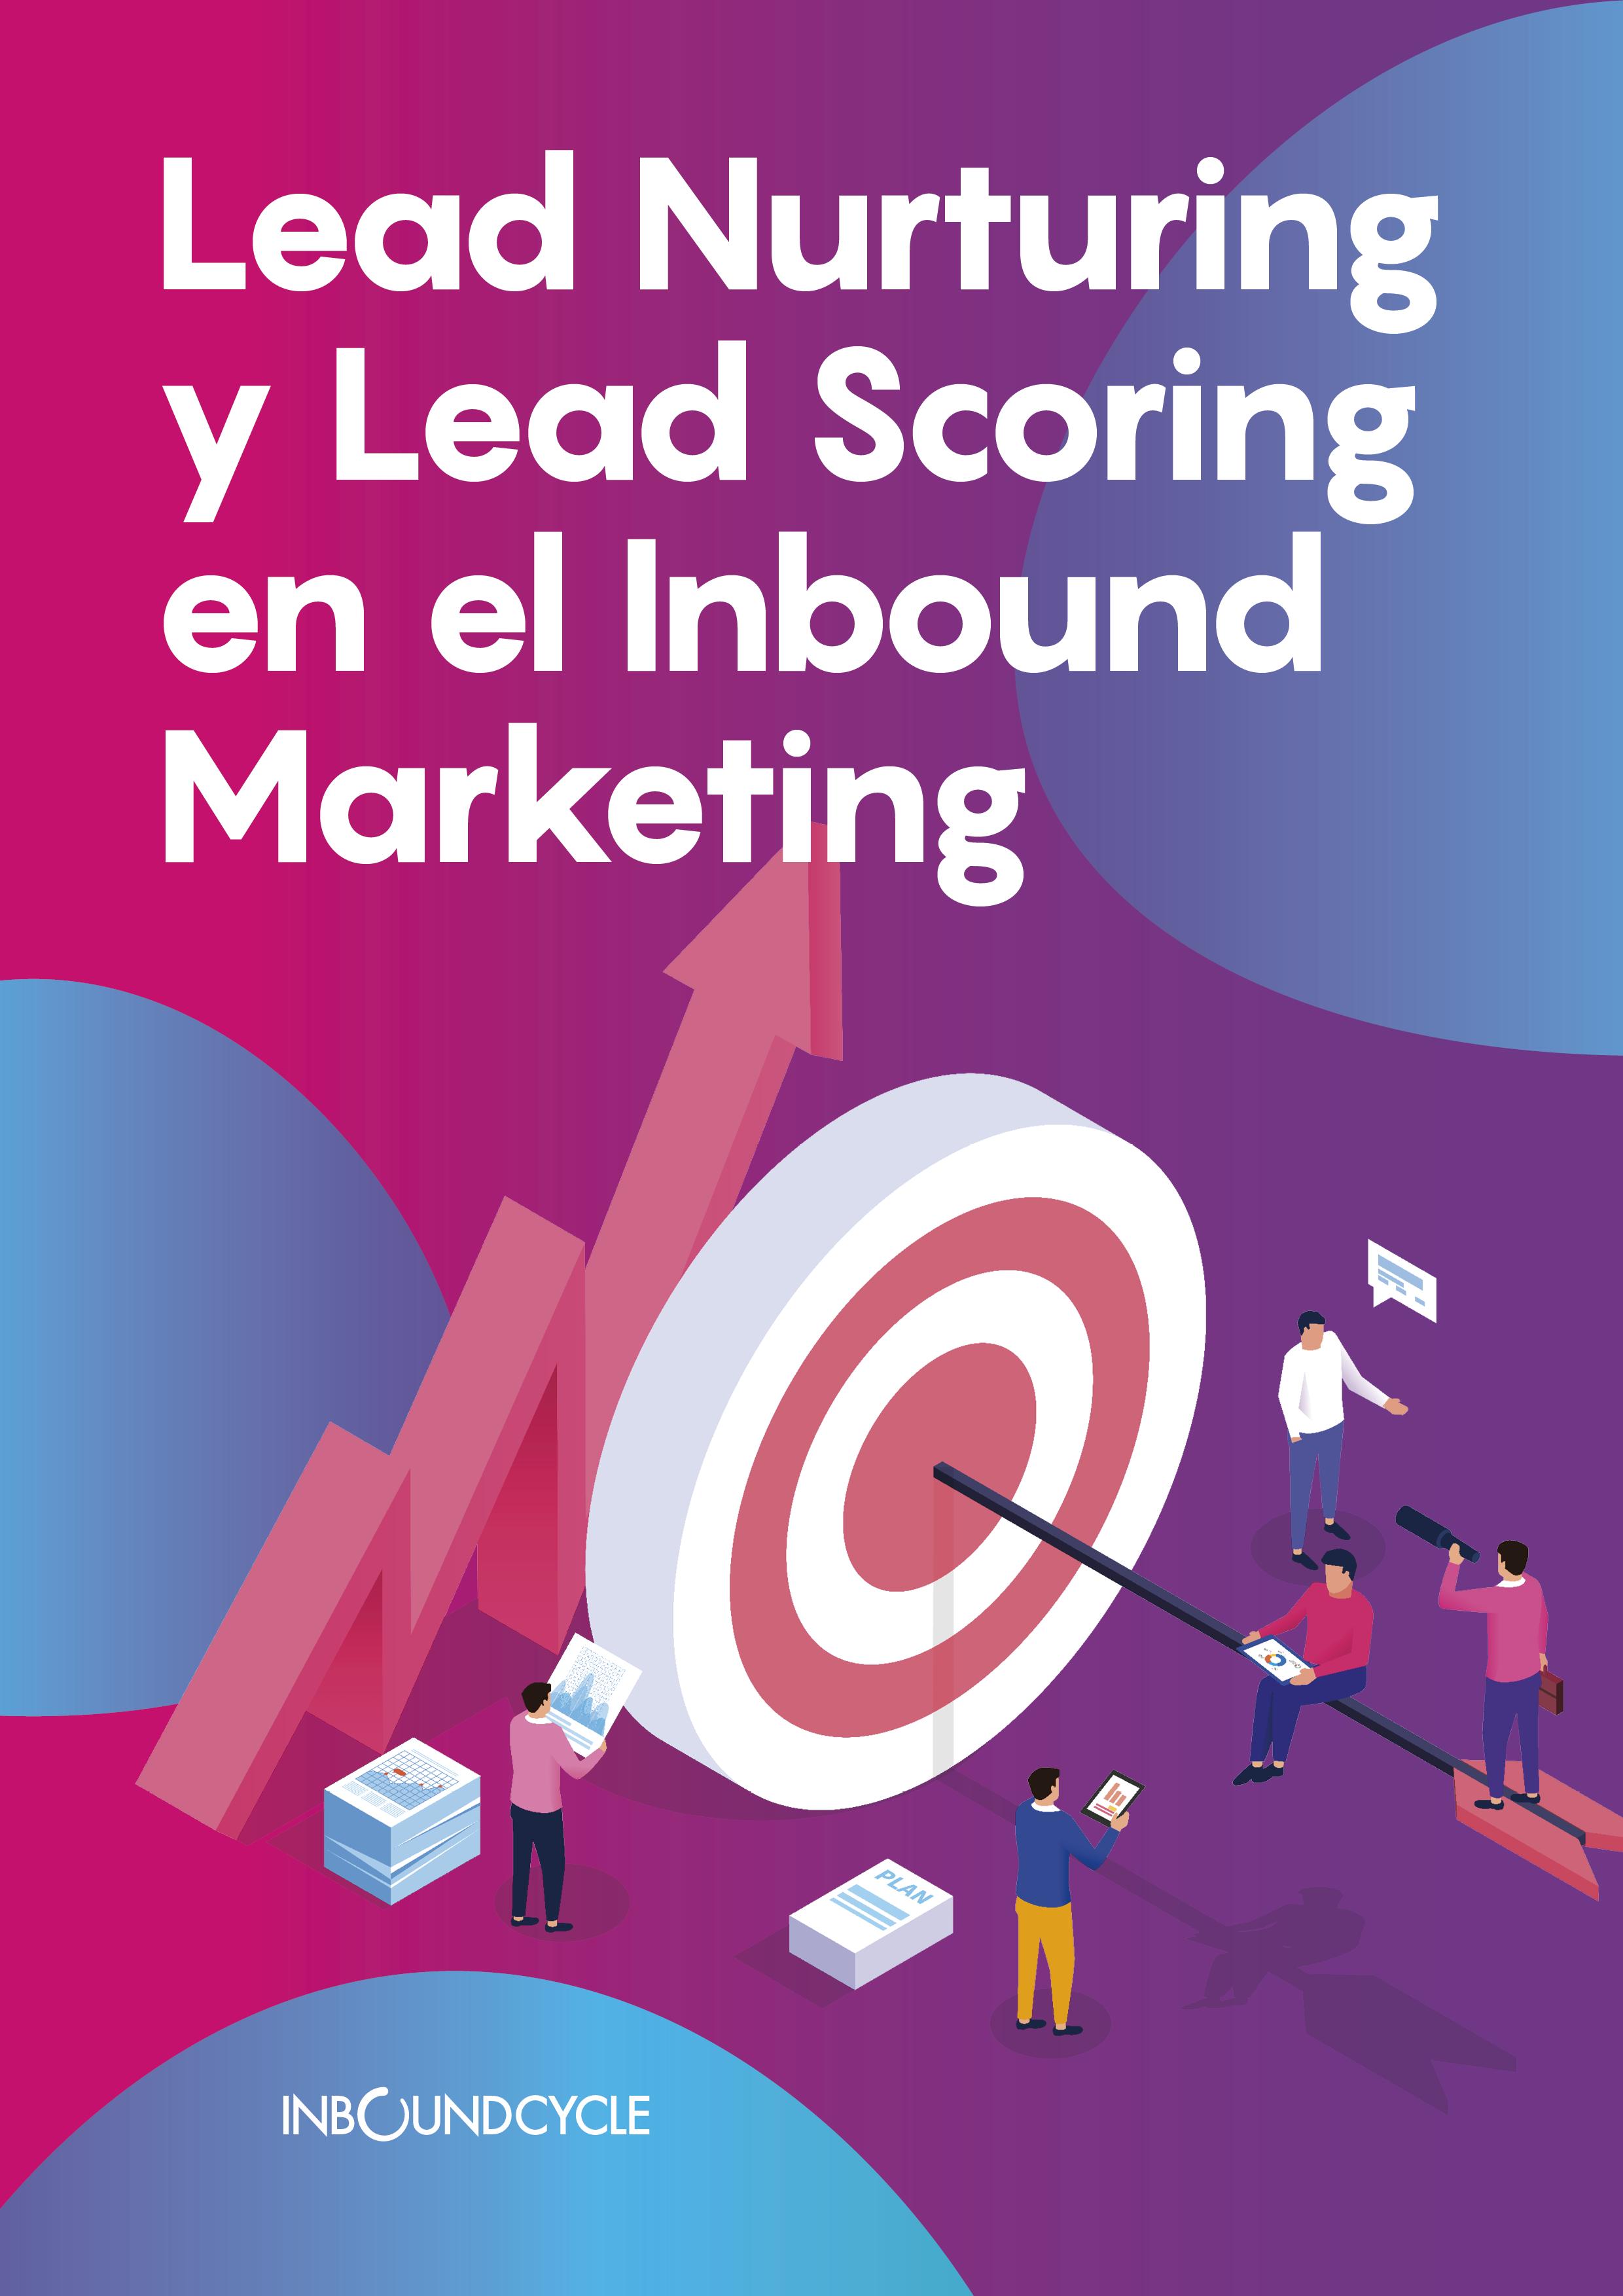 P1 - Lead nurturing y lead scoring en el inbound marketing-1